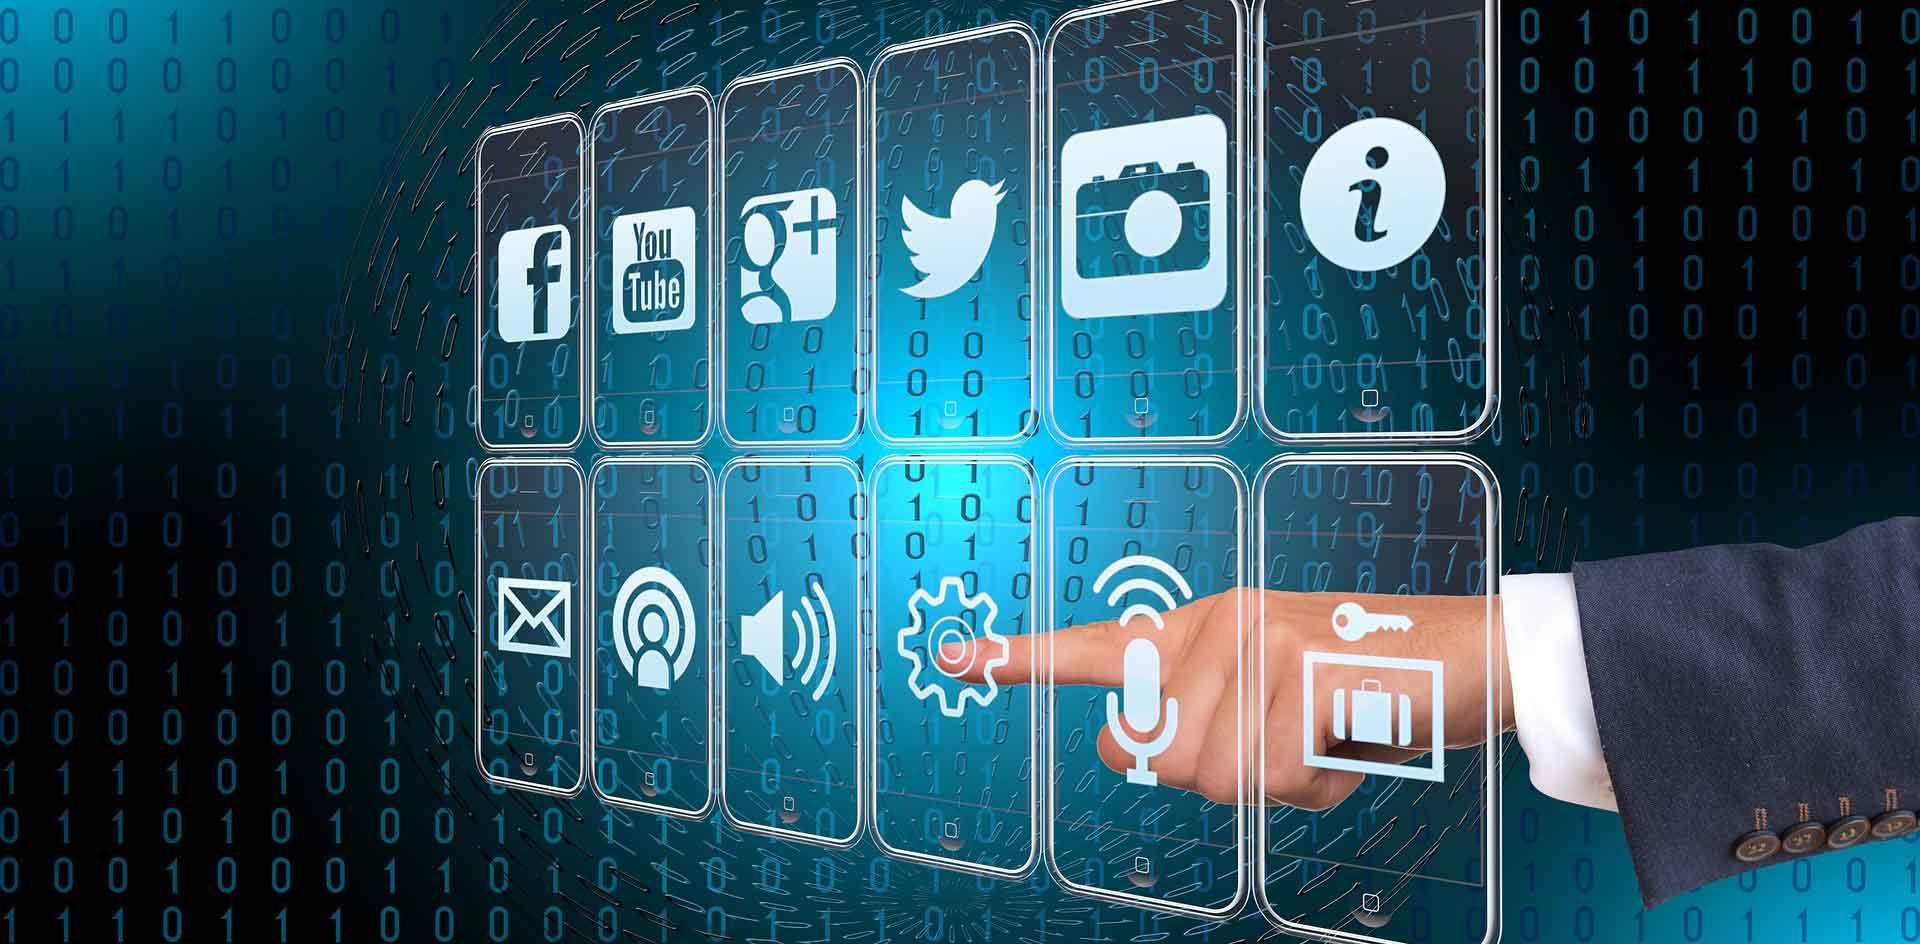 แนวทางการทำธุรกิจออนไลน์บนโลกออนไลน์ของสื่อโซเชียล – เว็บไซต์ที่ทำให้คุณเป็นนายตัวเอง แนะนำการทำธุรกิจออนไลน์ แนวคิด การเริ่มต้นทำธุรกิจ